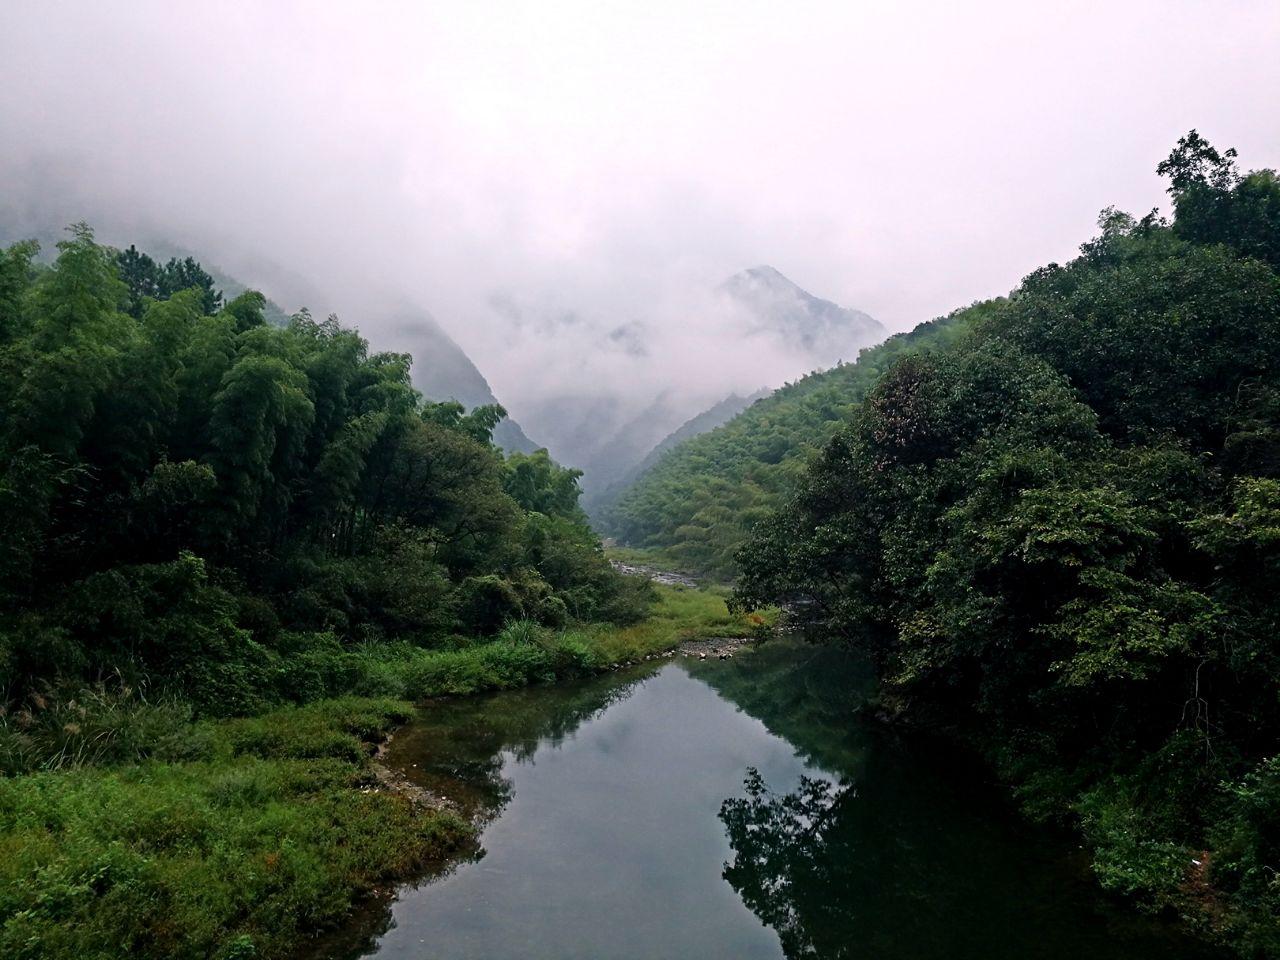 泾县水墨汀溪风景区好玩吗,泾县水墨汀溪风景区景点样